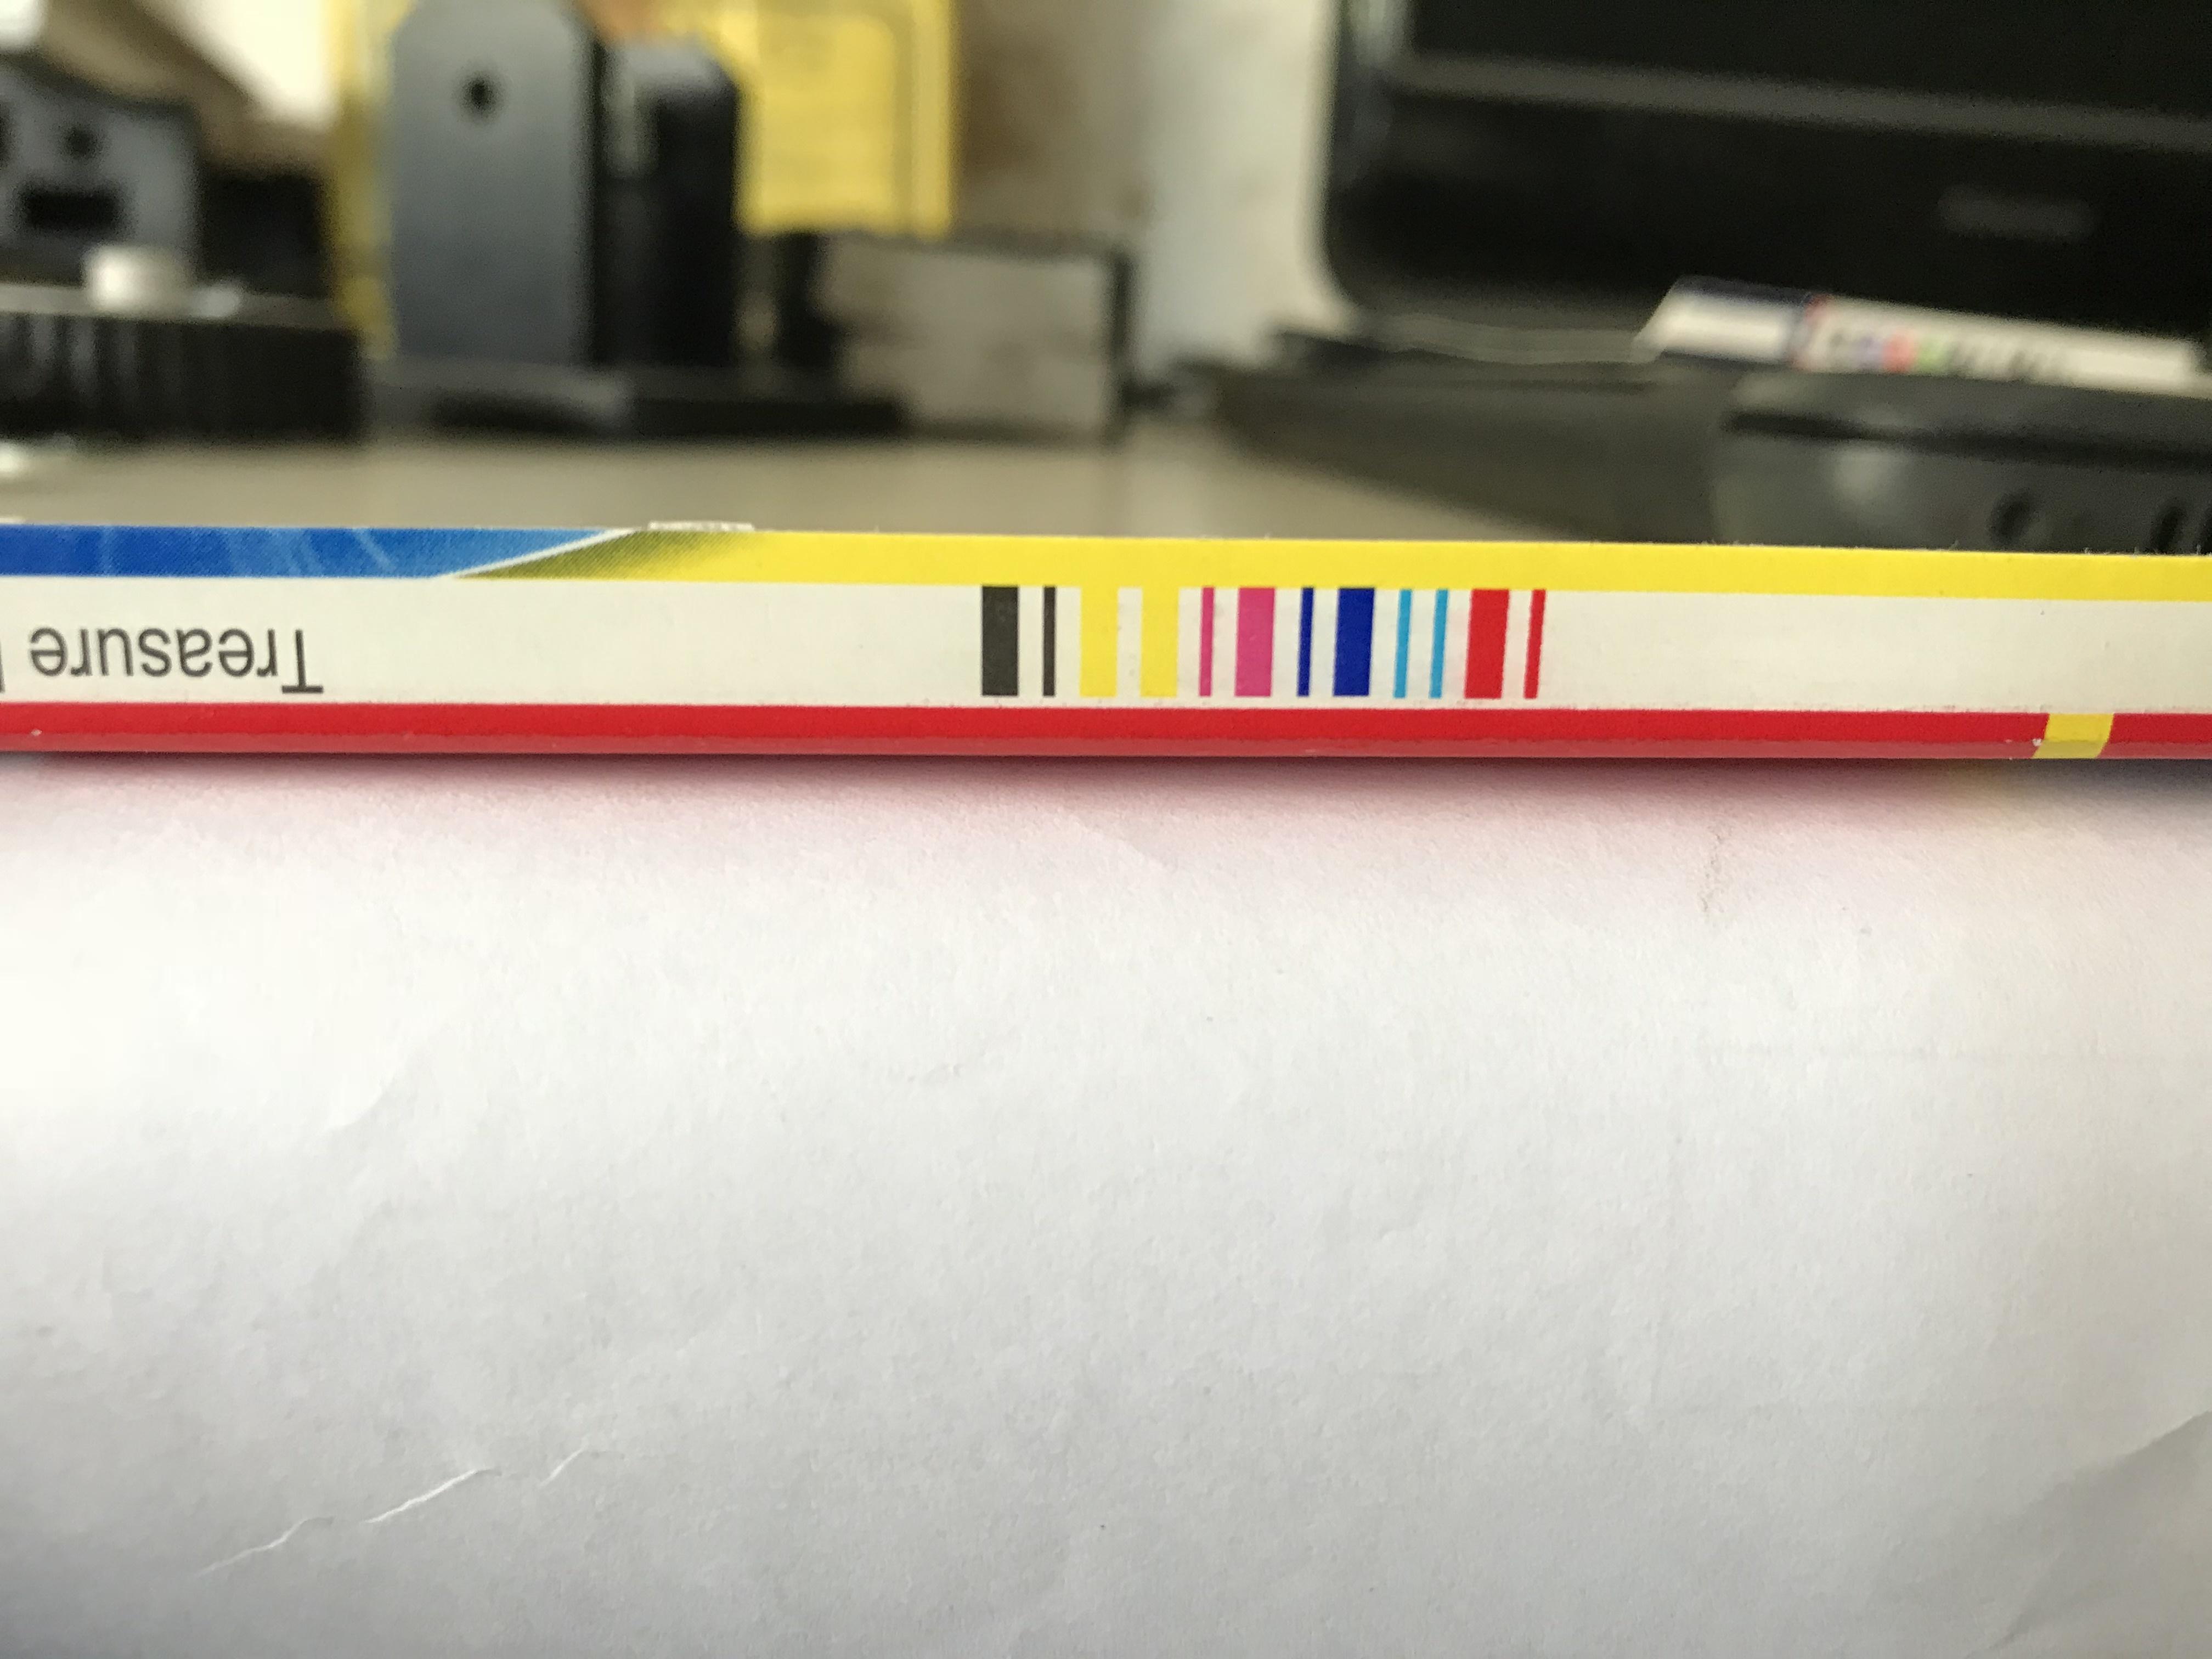 Codemat Barcode Reader Manufacturer,Codemat Barcode Reader